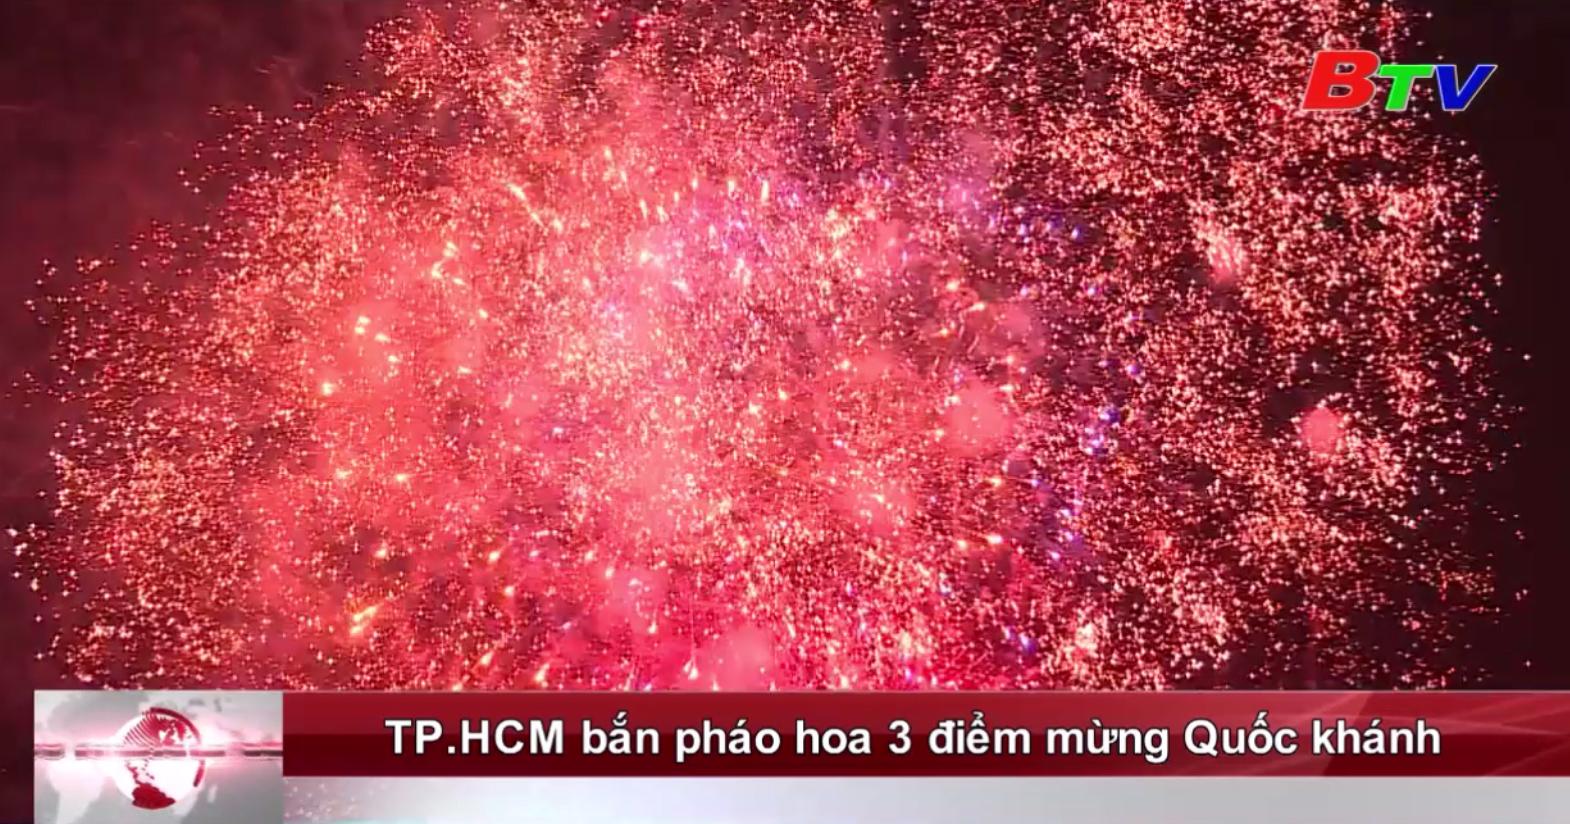 TP.HCM bắn pháo hoa 3 điểm mừng Quốc khánh